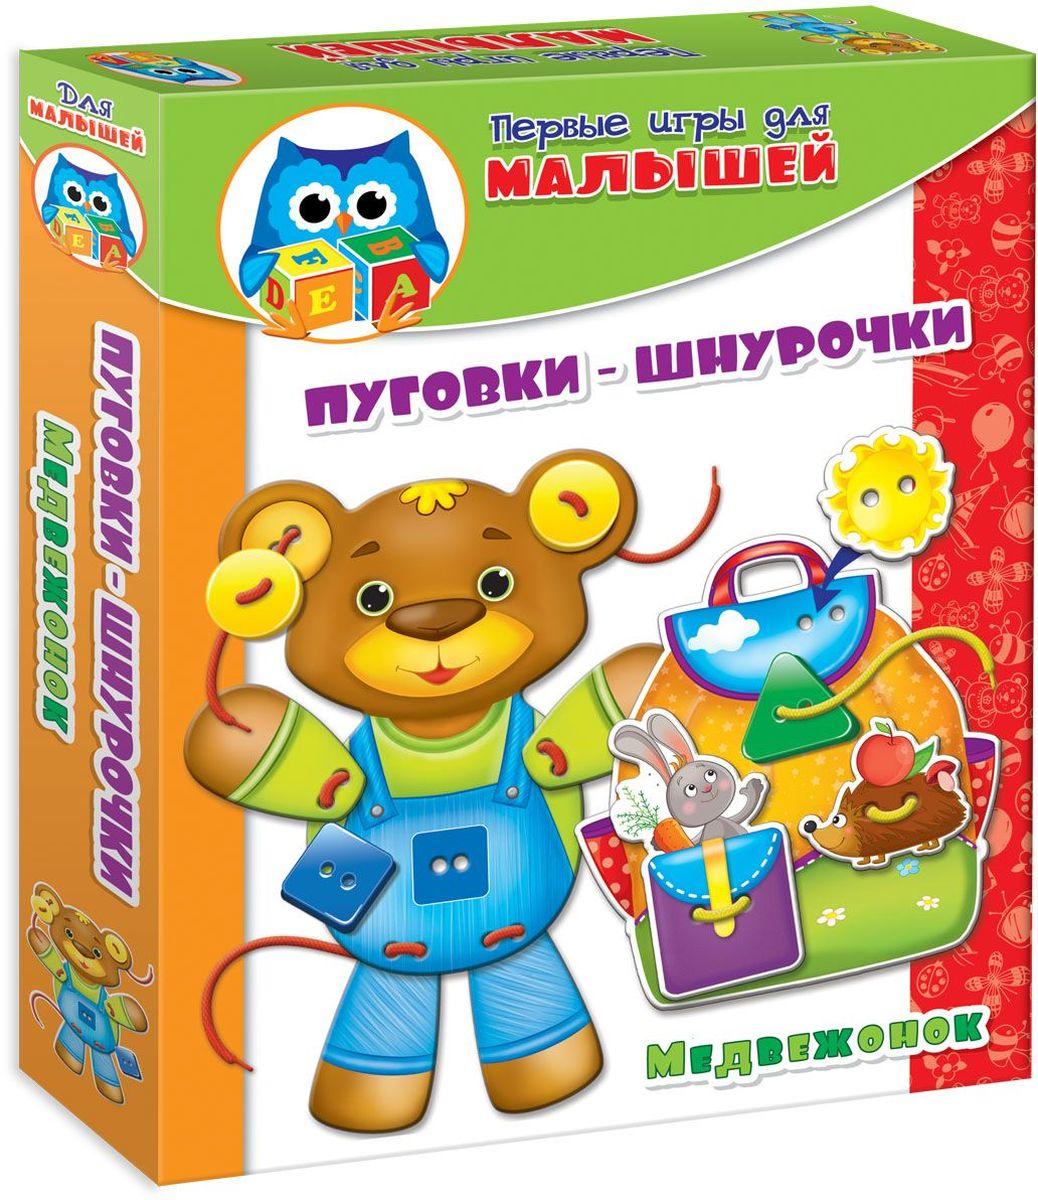 Фото Vladi Toys Обучающая игра Медвежонок. Купить  в РФ